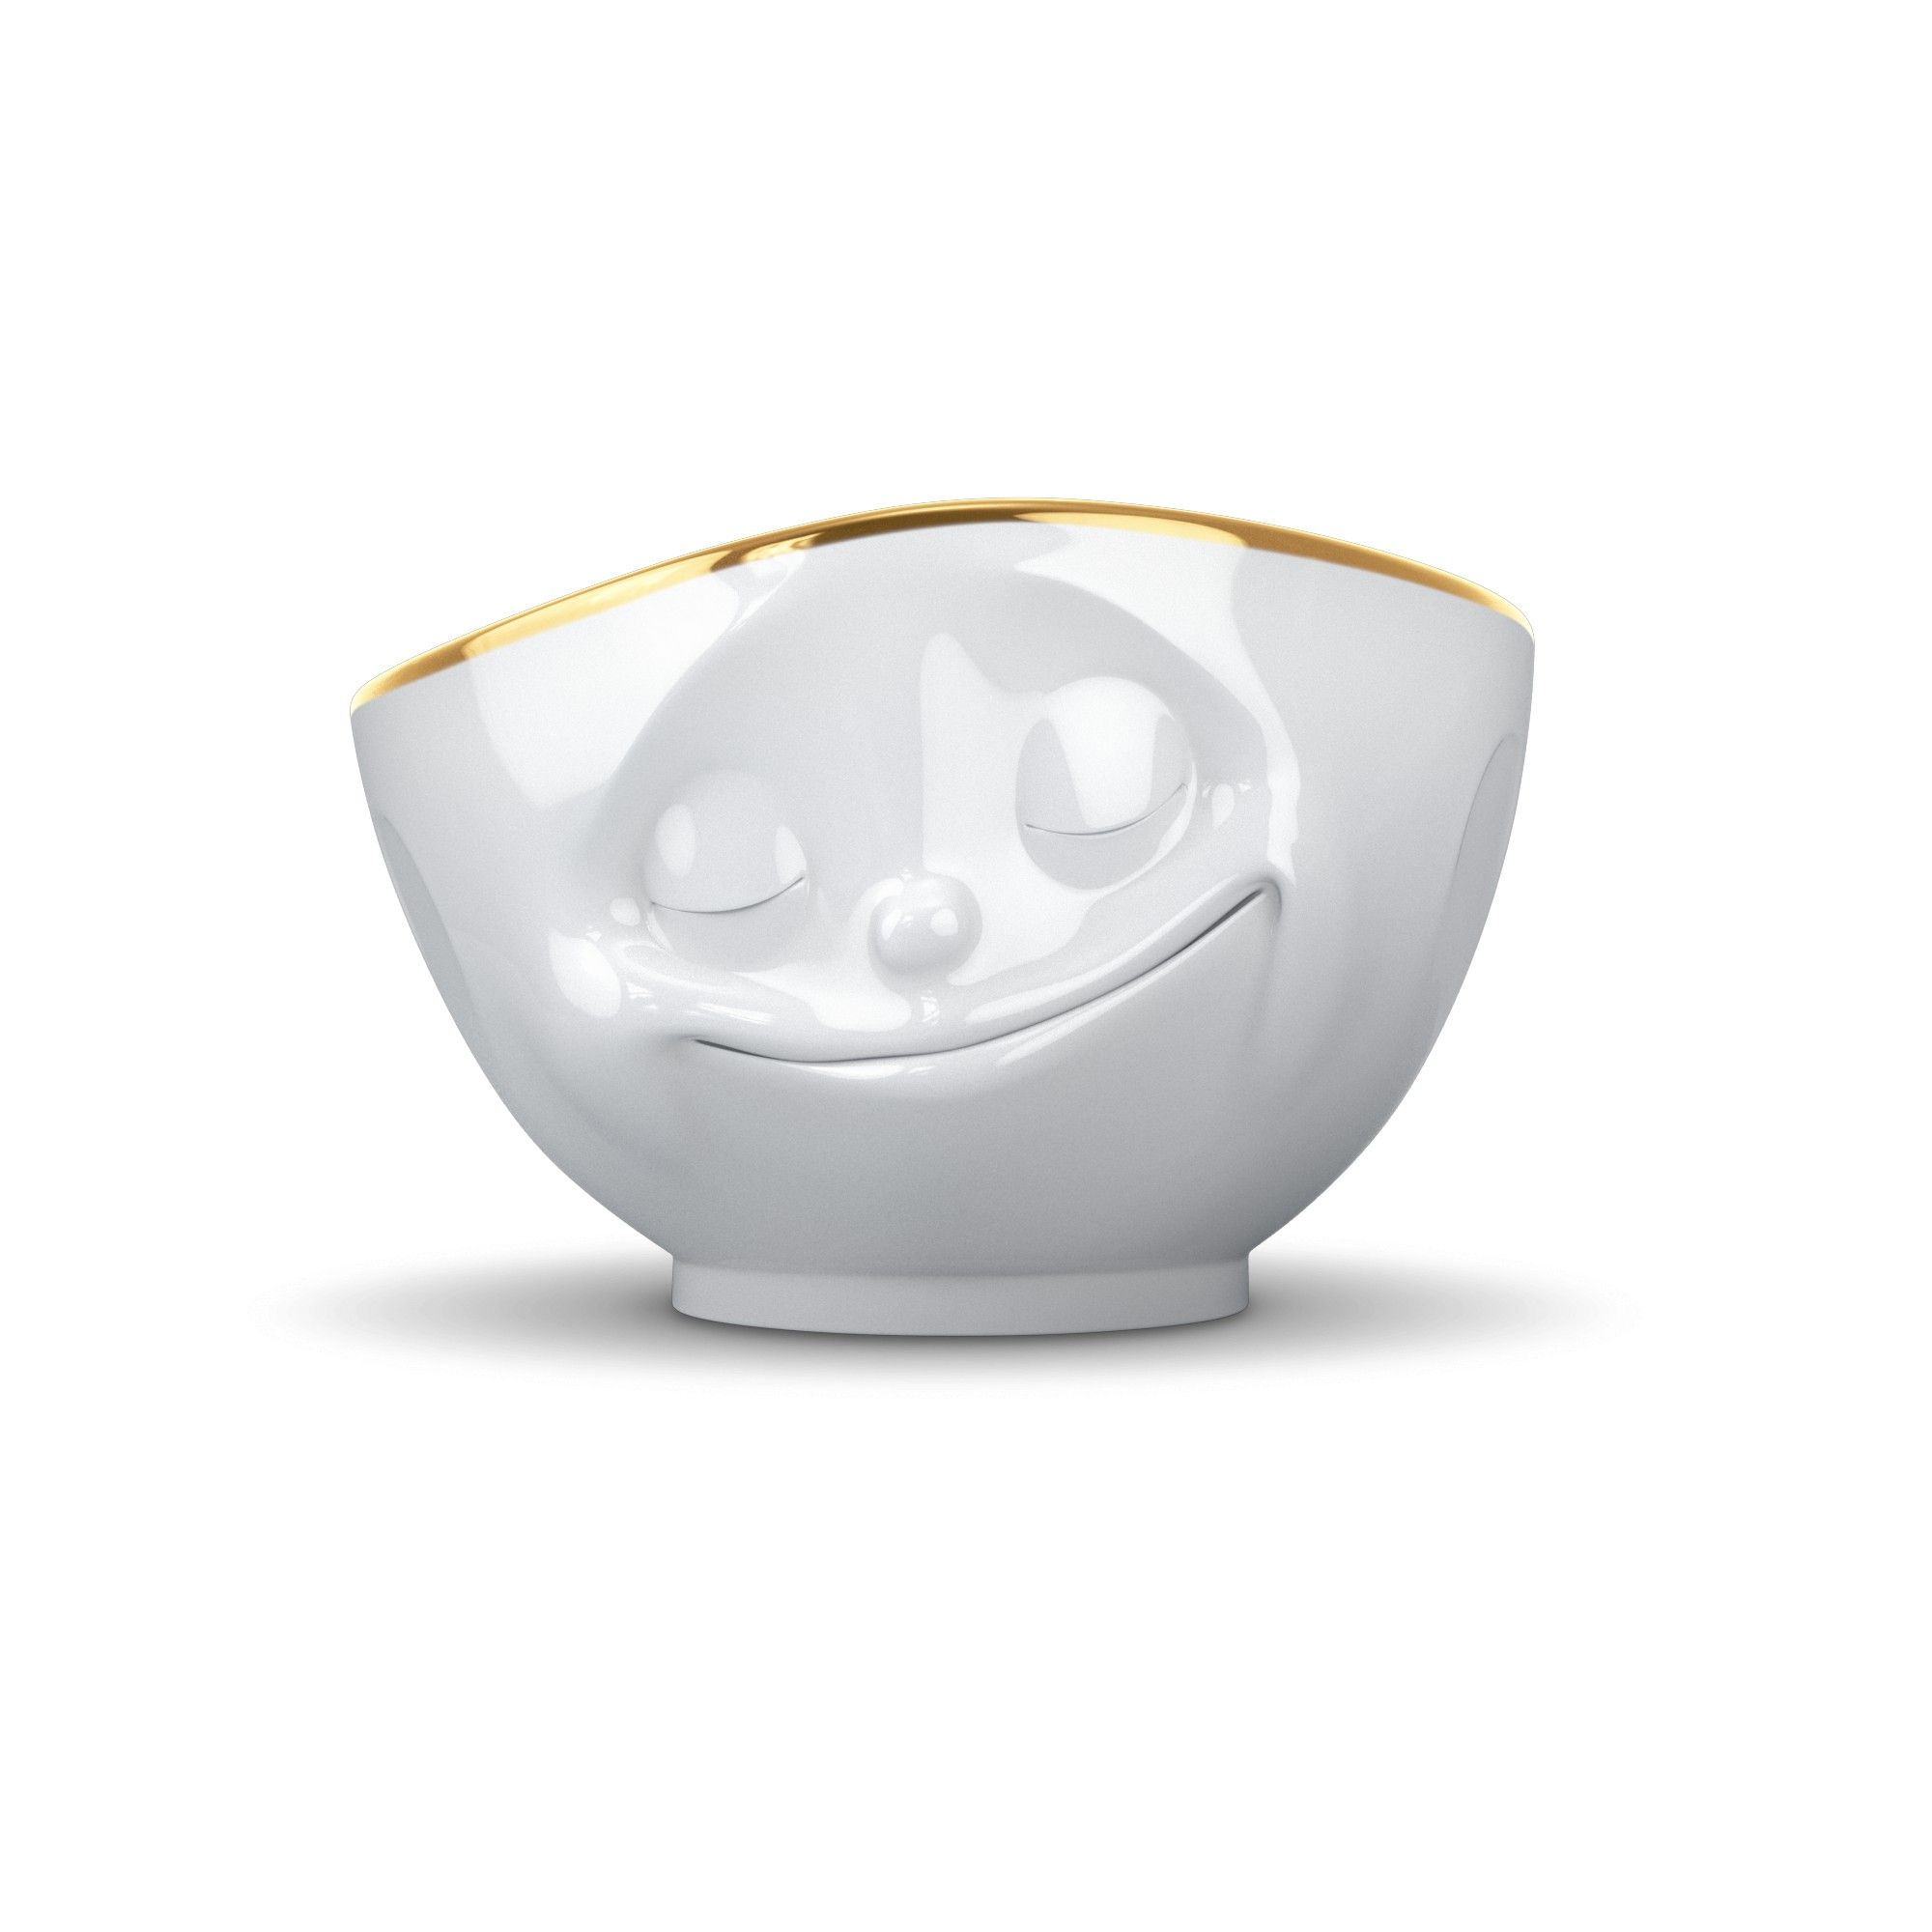 Glad Tassen skål med guldkant